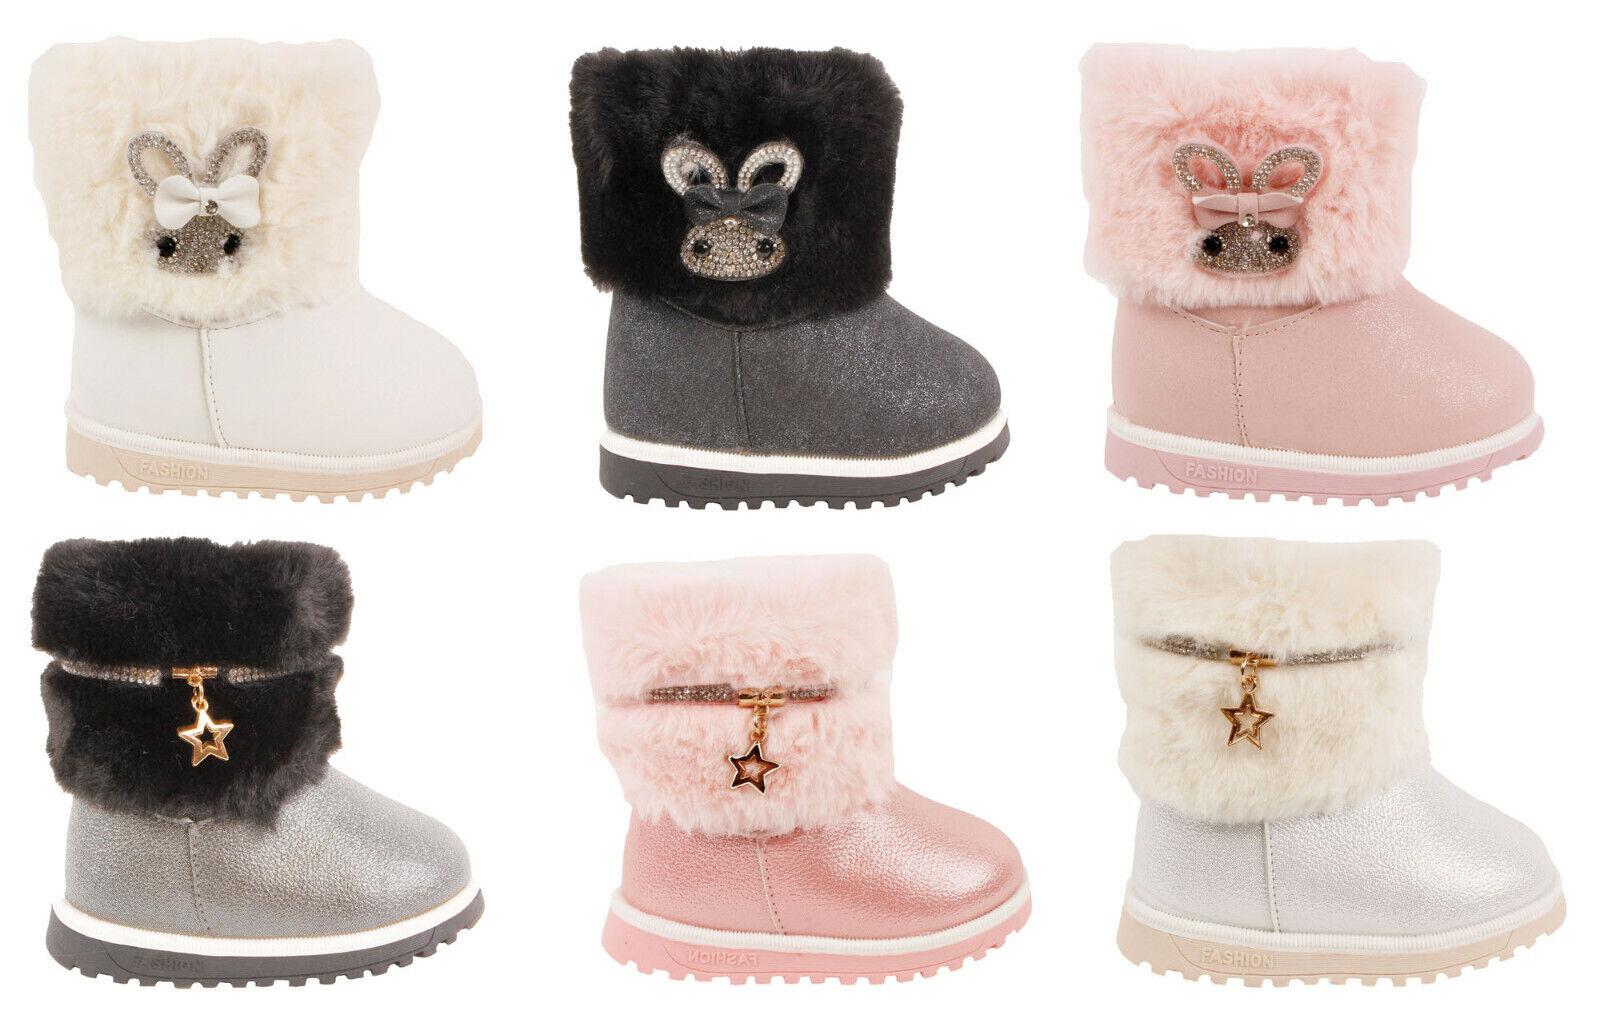 Kinderschuhe Stiefel Stiefeletten für Baby Mädchen Boots Warme Winterschuhe Neu